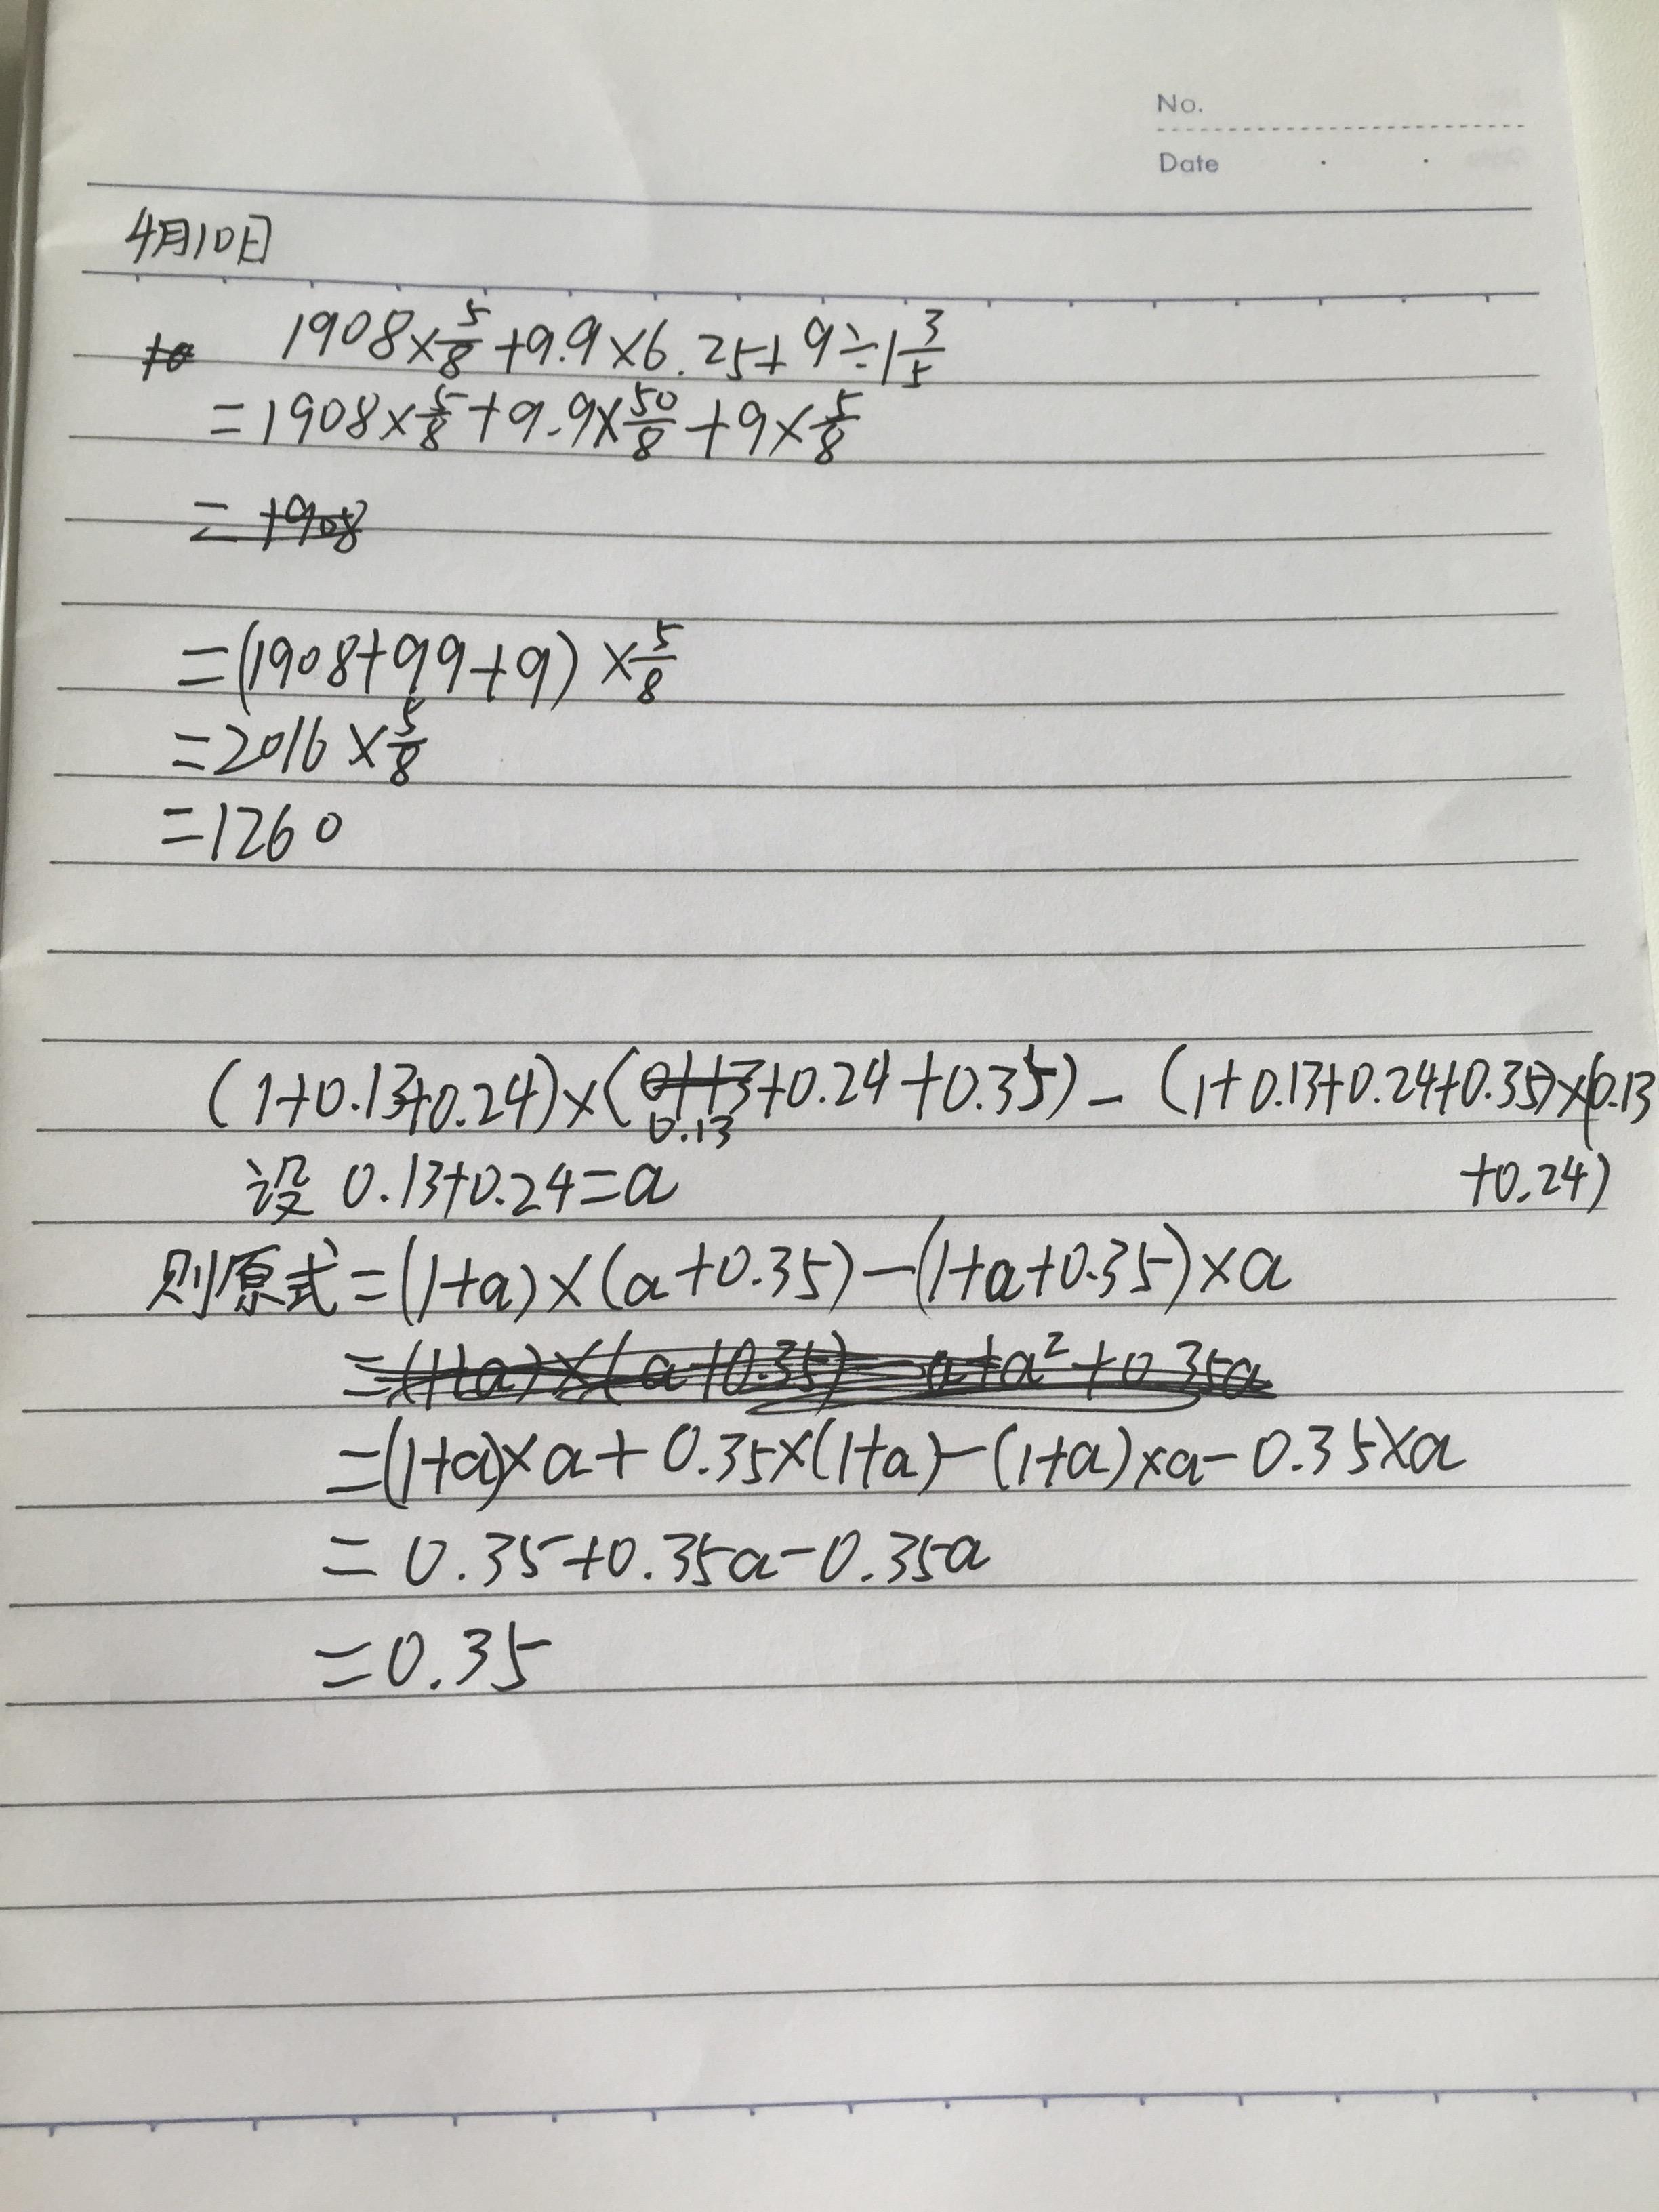 4AE0C26E-8A76-4CAF-9BCE-C90DA71EBEC9.jpg